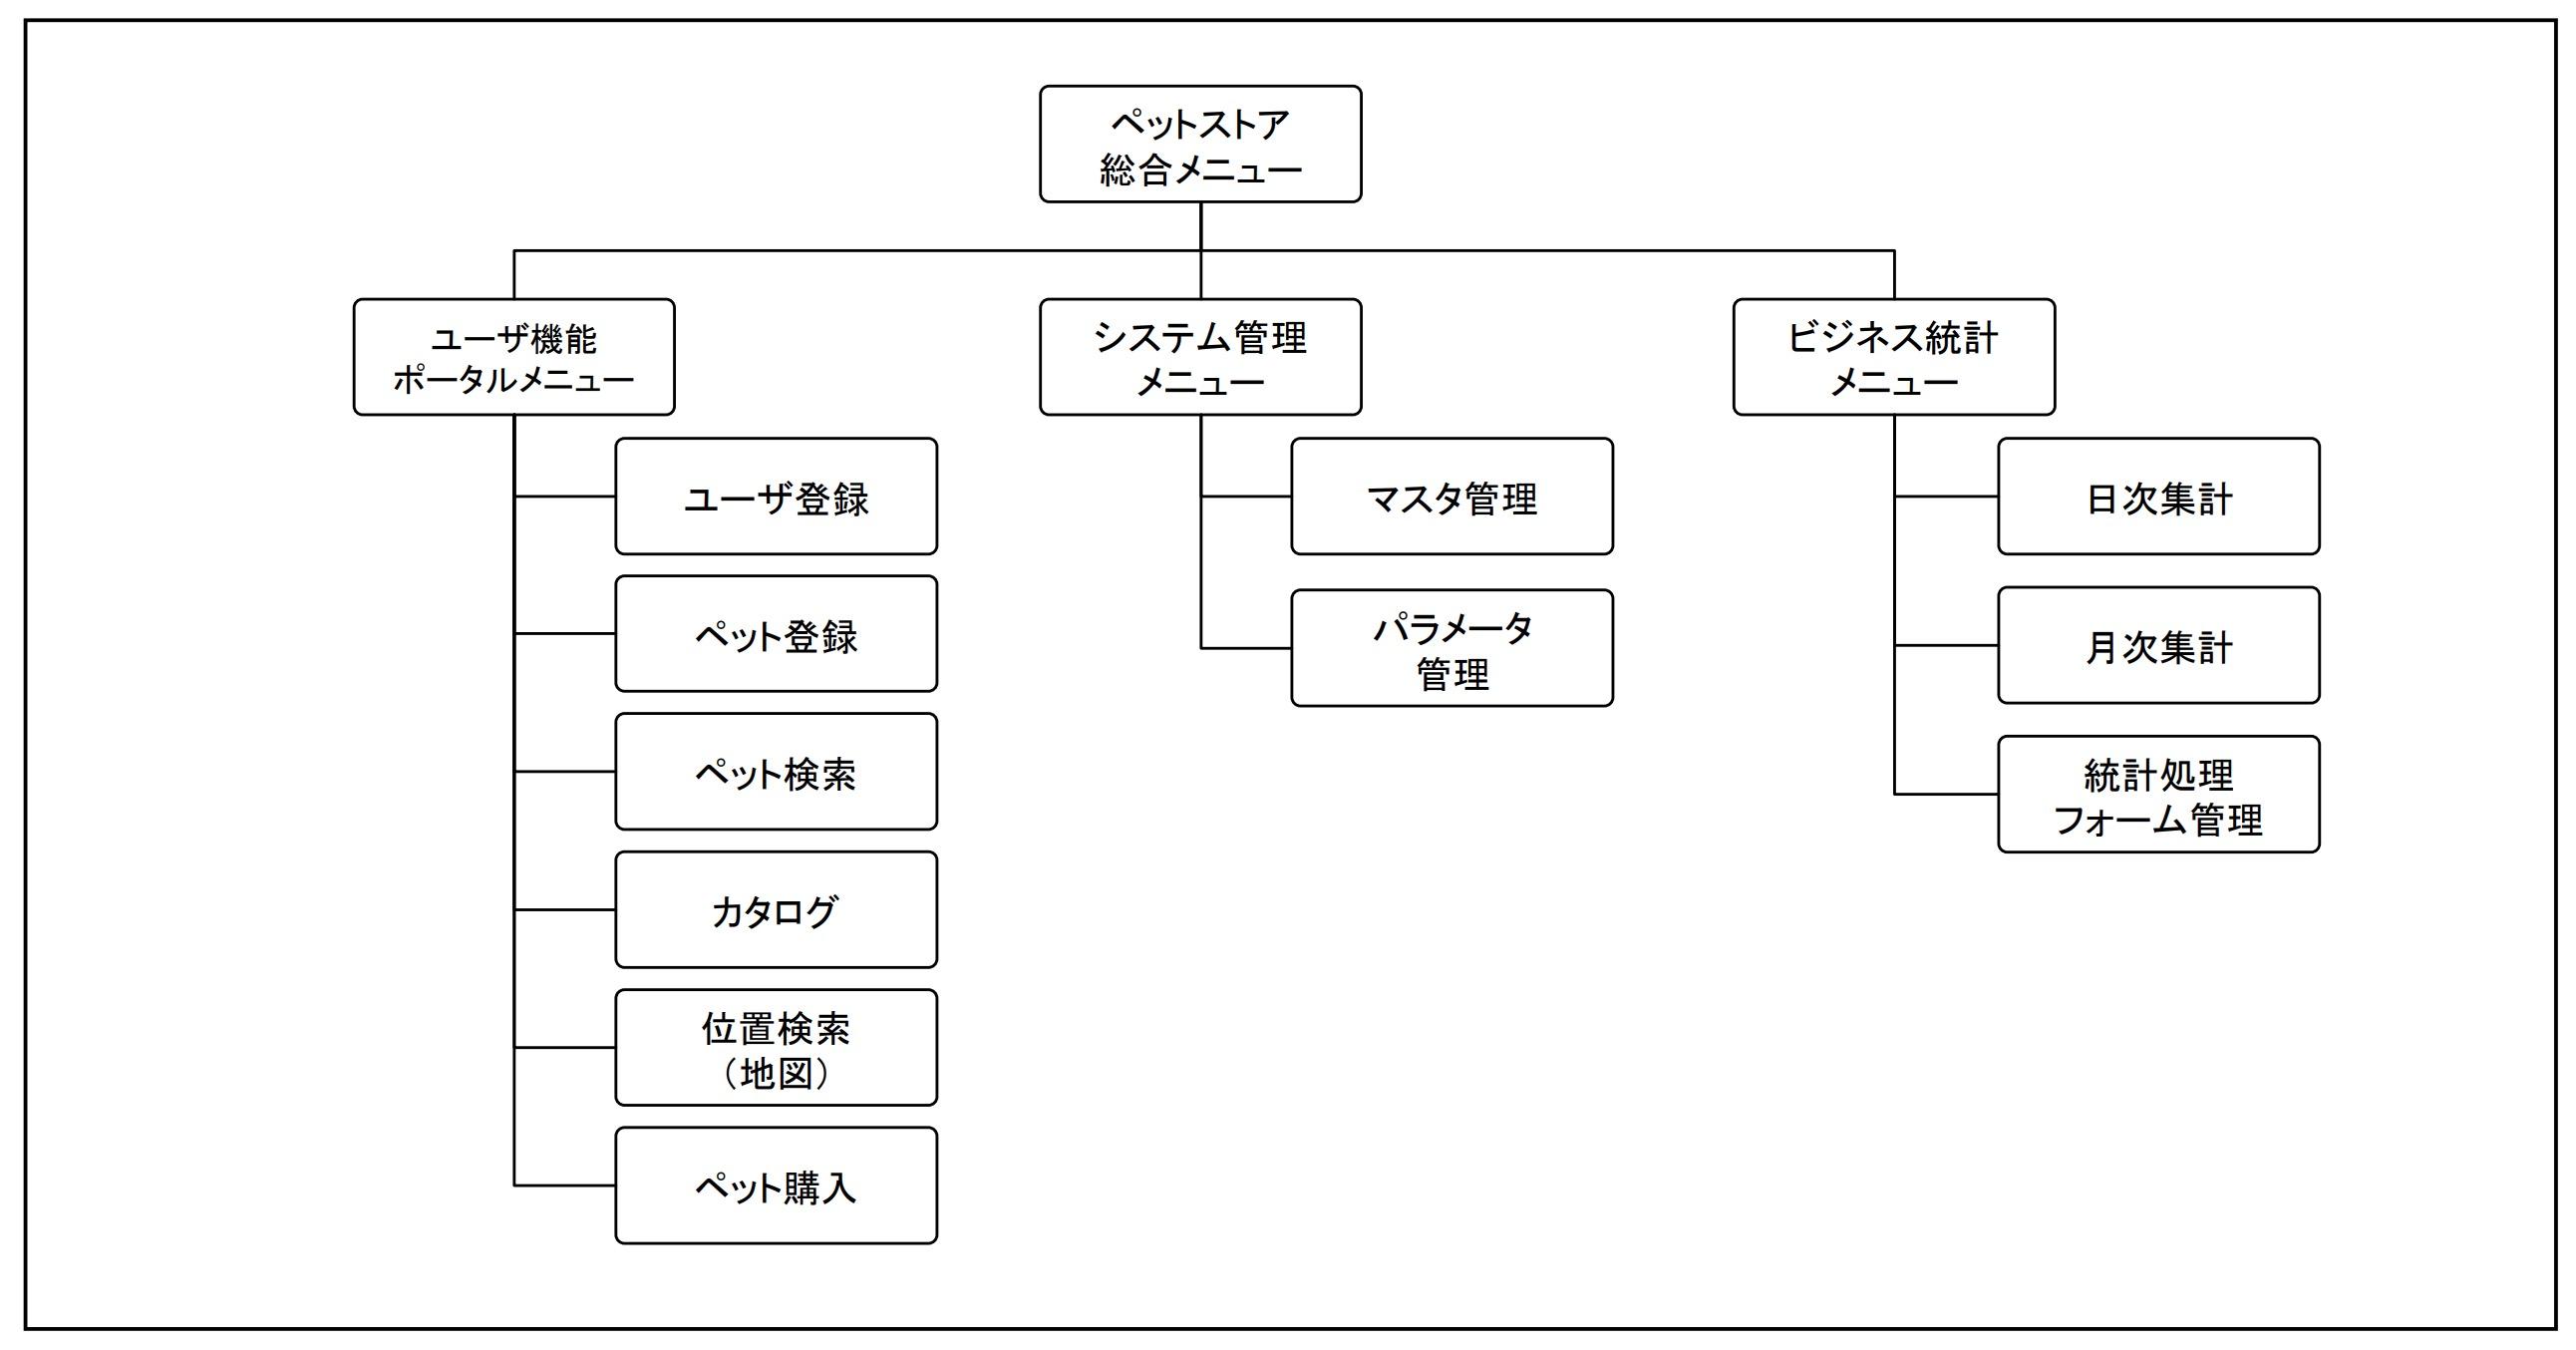 画面構成図(サンプル)